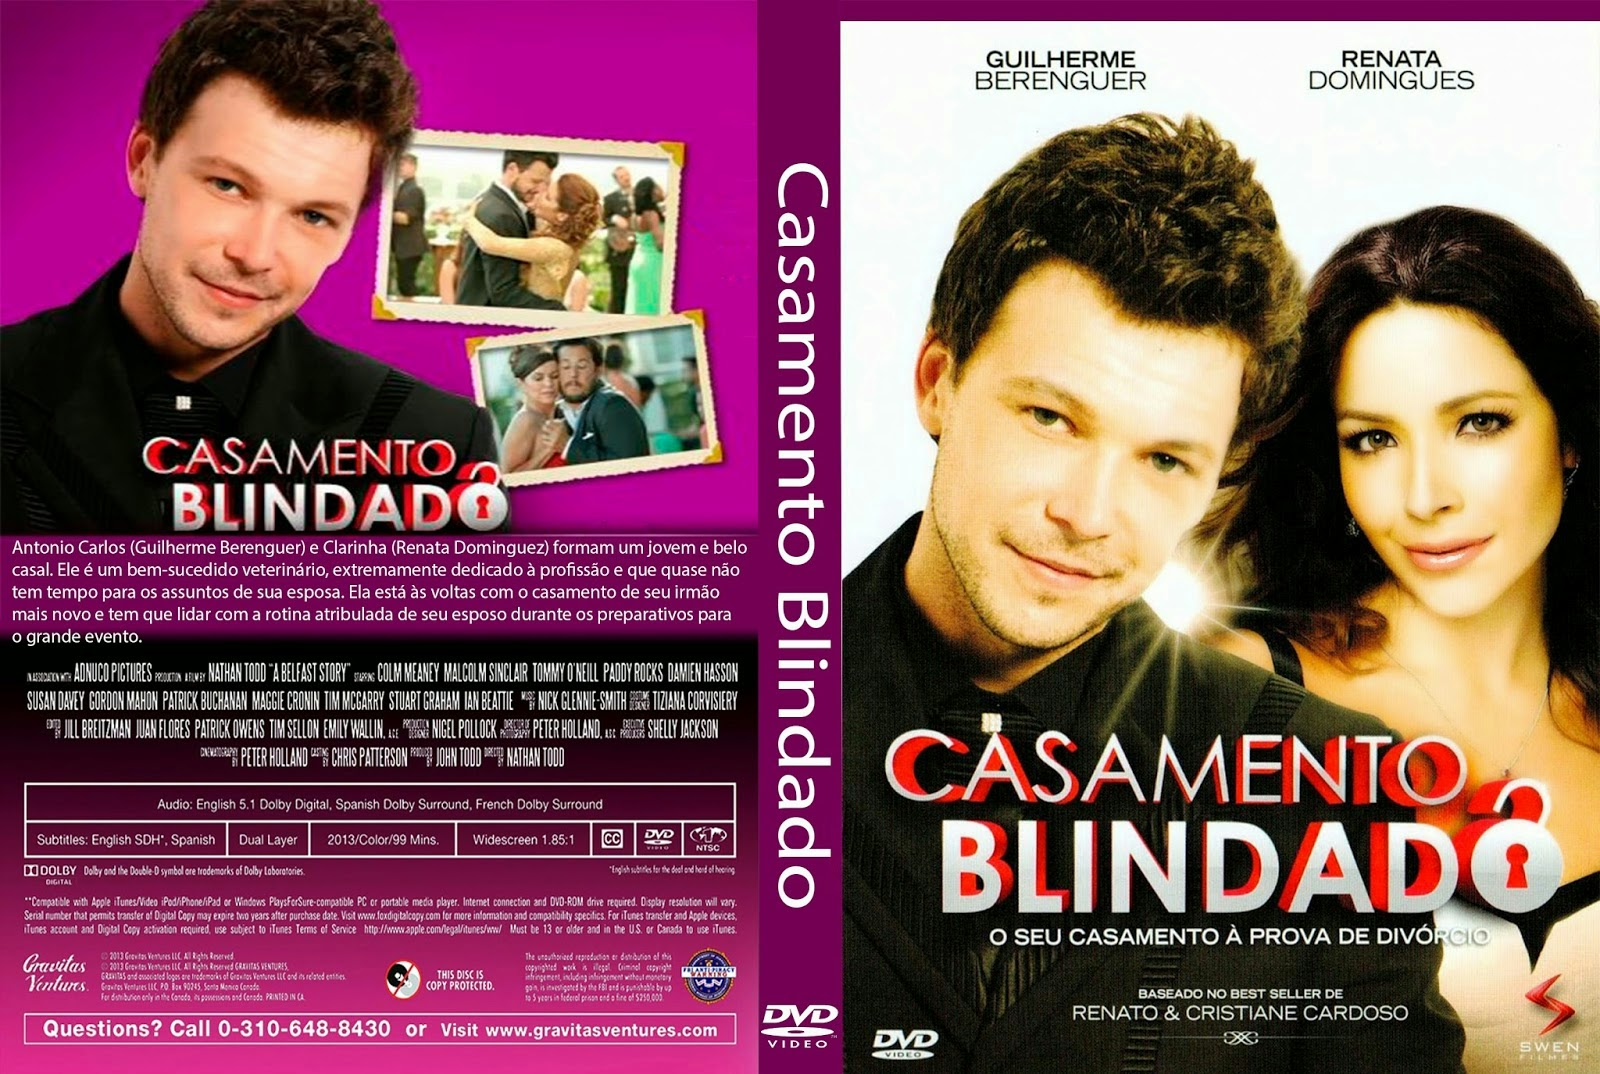 Casamento Blindado Filme